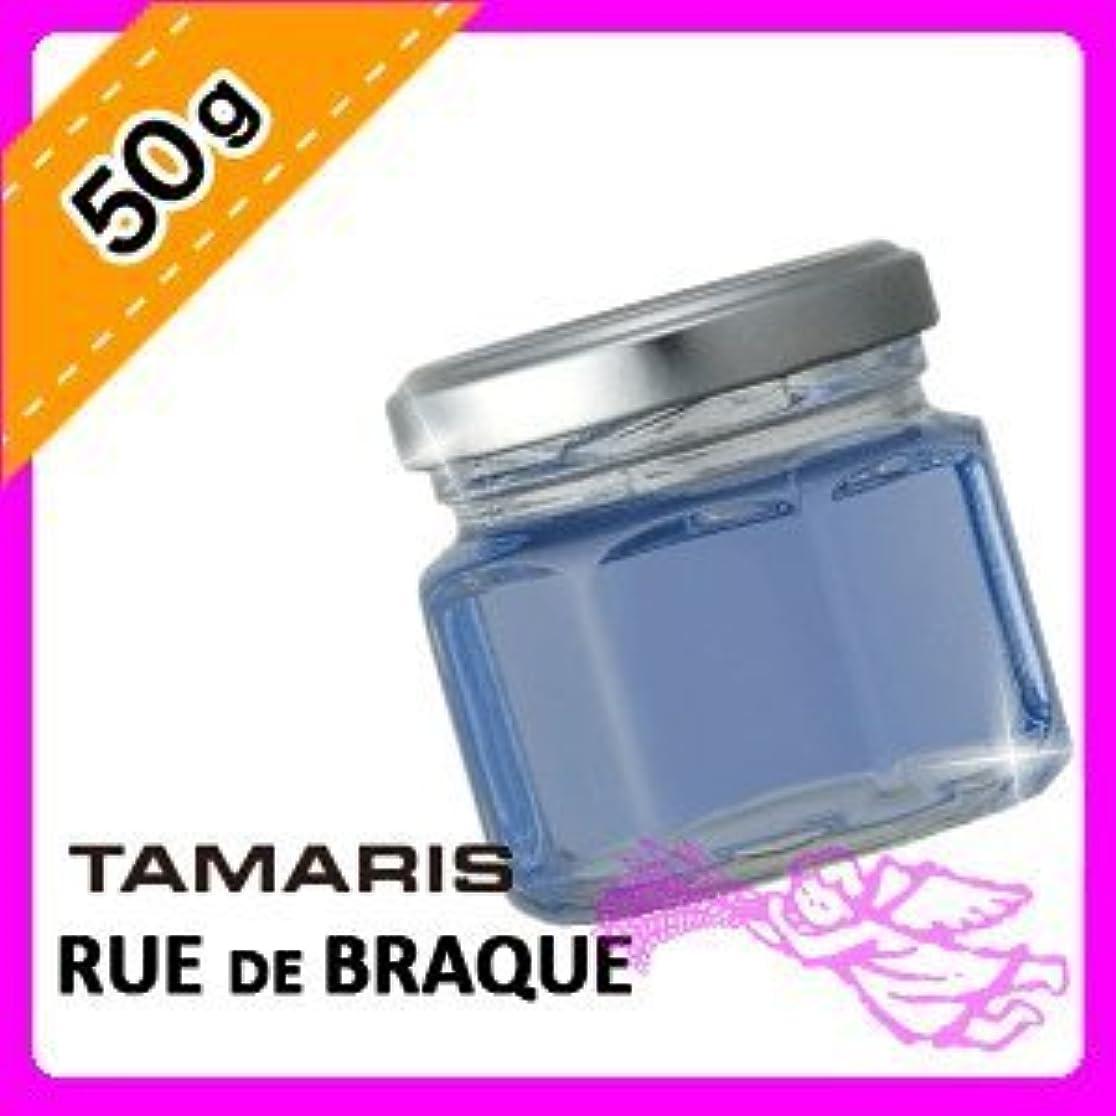 タマリス ルードブラック ソリッドグリース 50g TAMARIS RUE DE BRAQUE